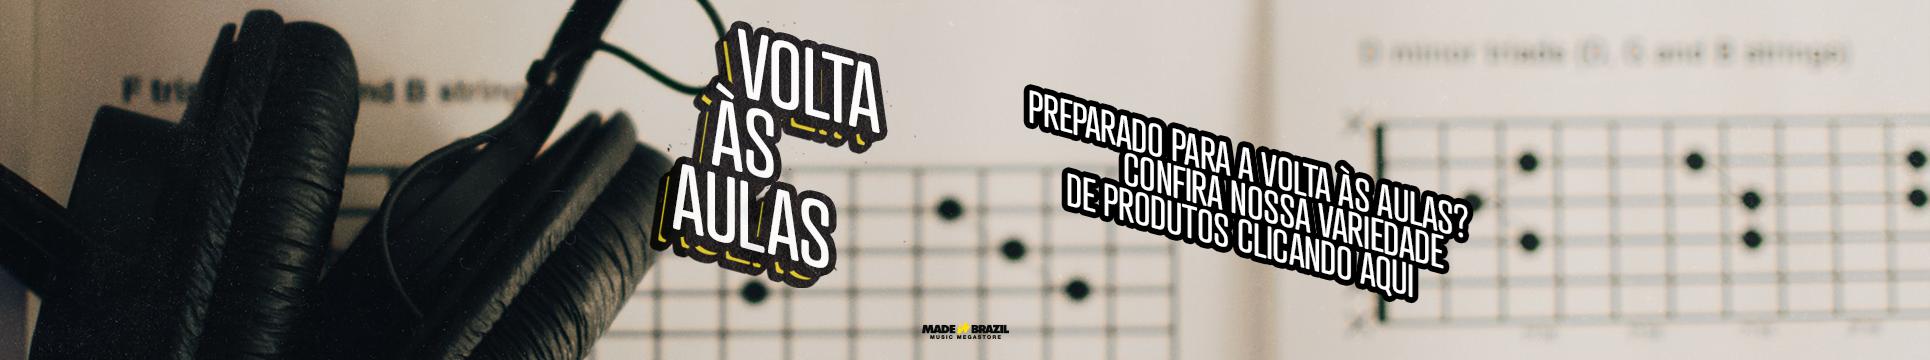 Volta às Aulas l Made in Brazil Music Megastore